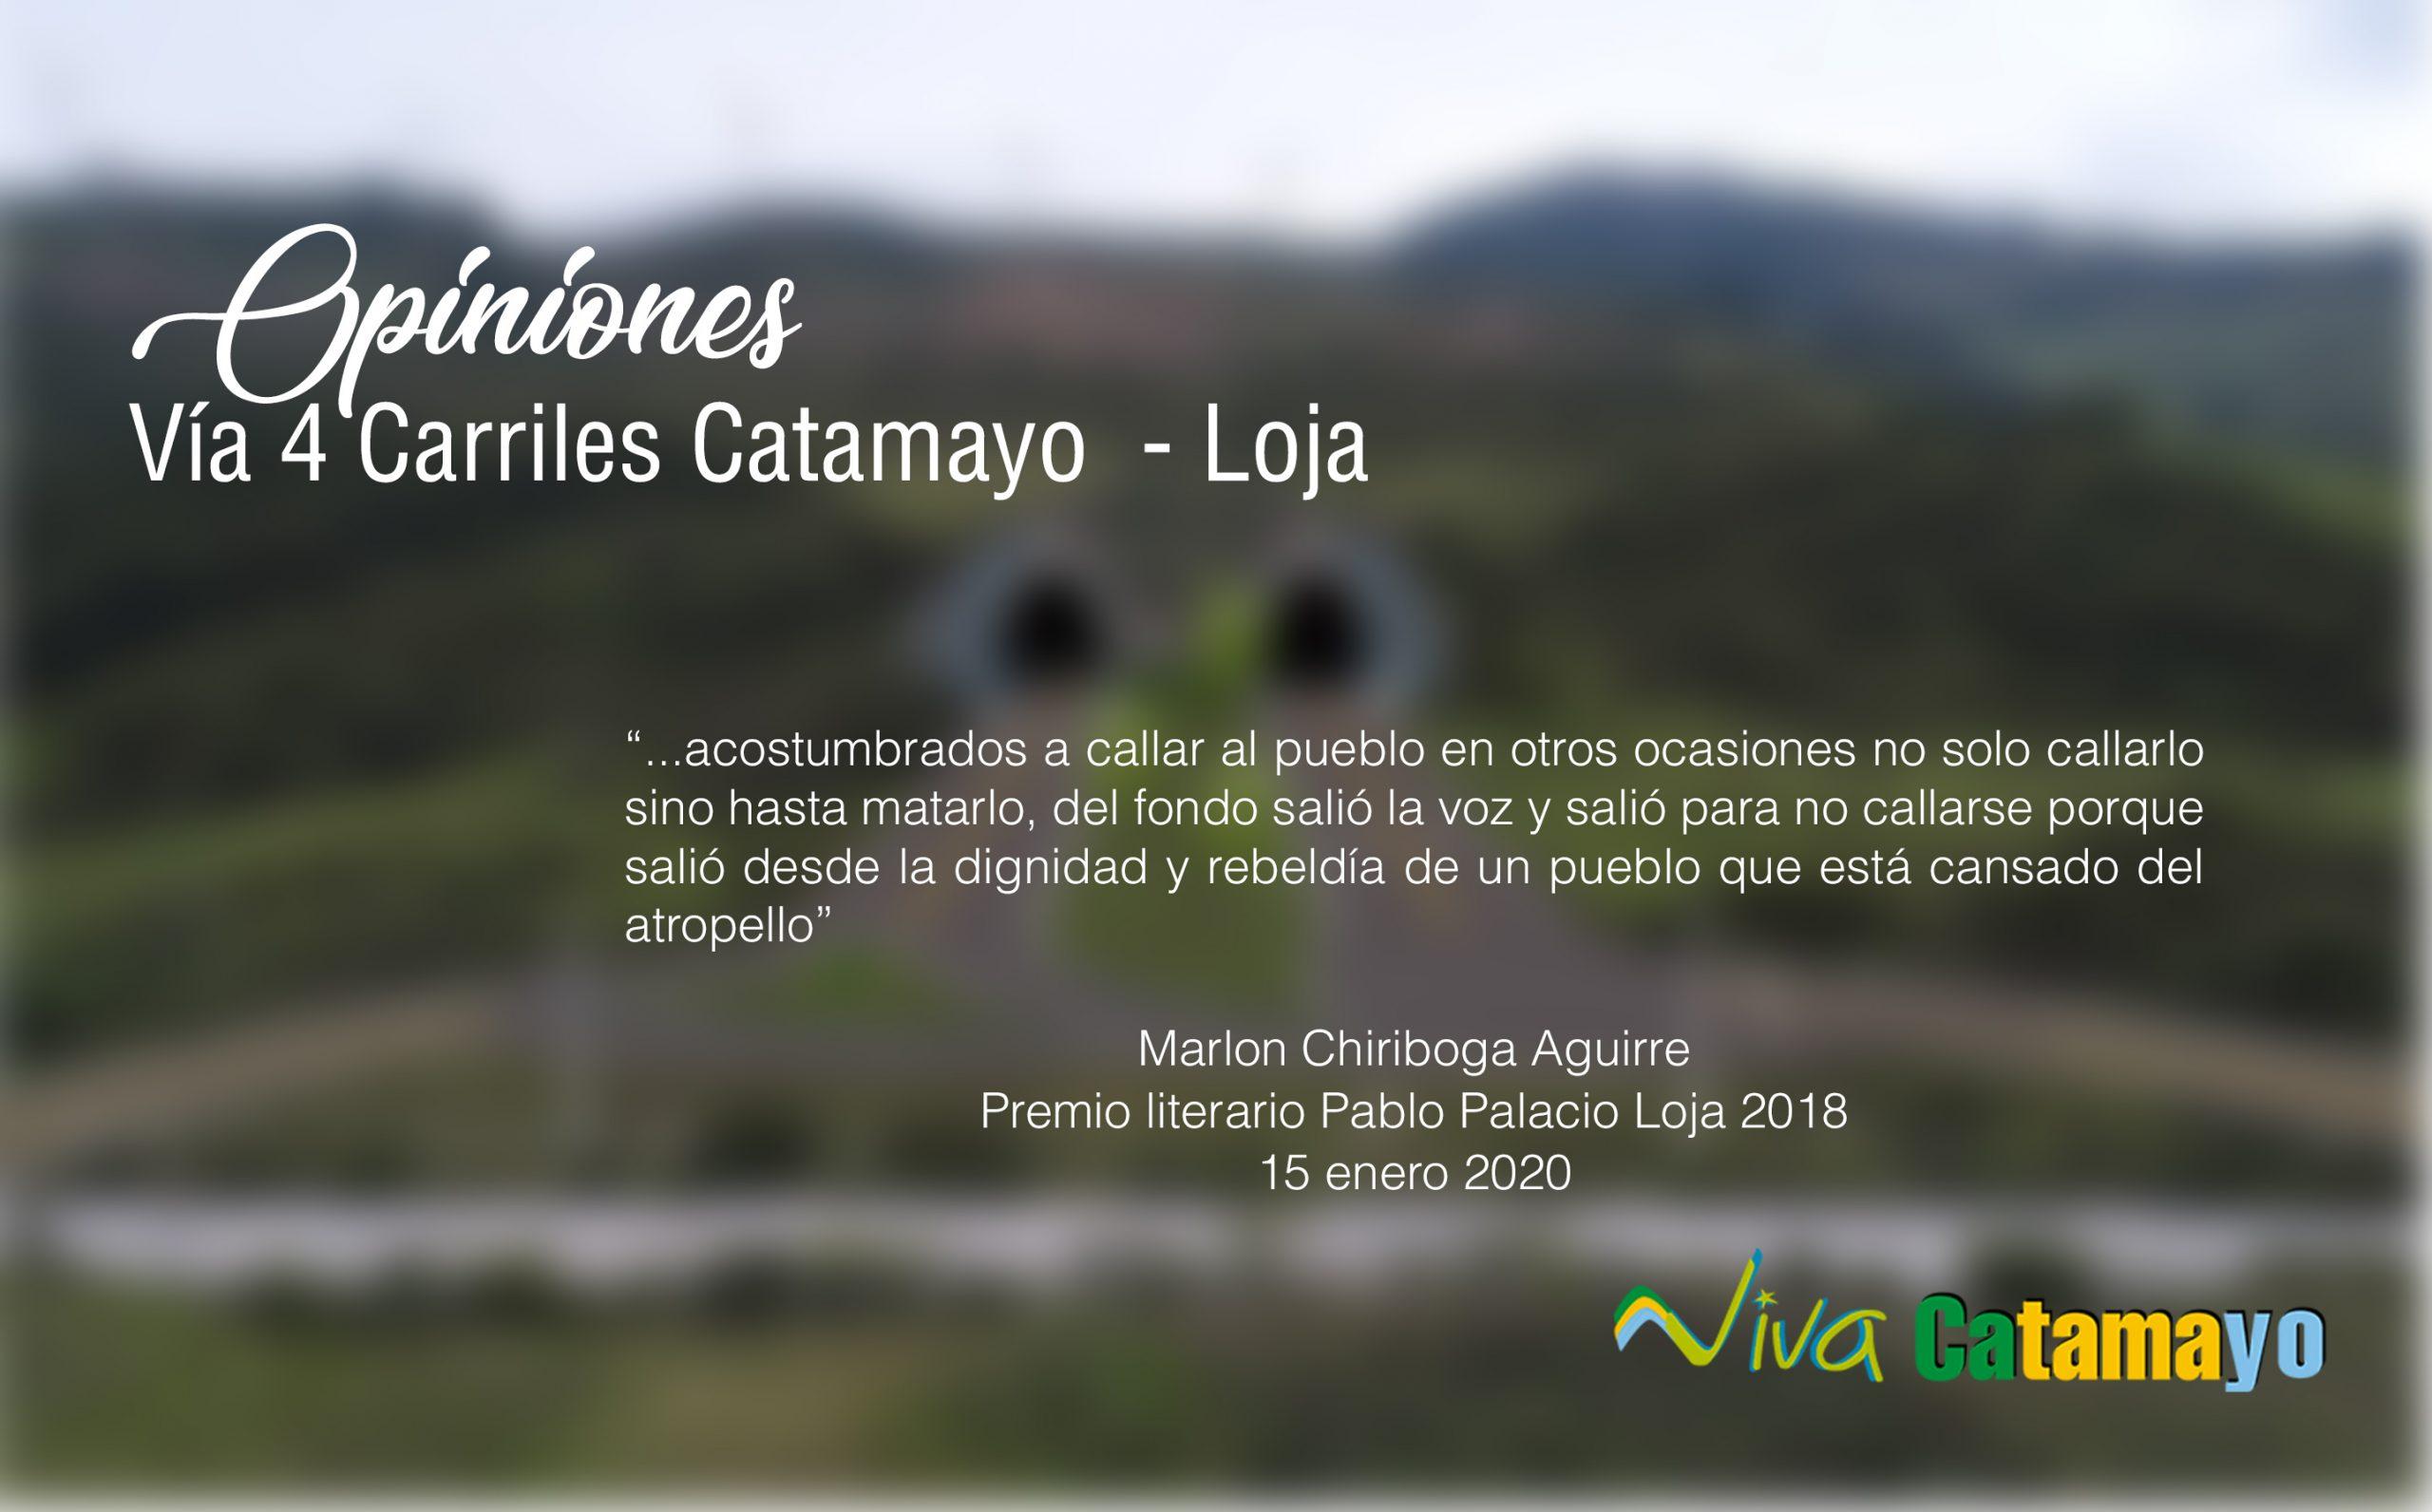 Via 4 carriles Catamayo - Loja - opiniones - portada